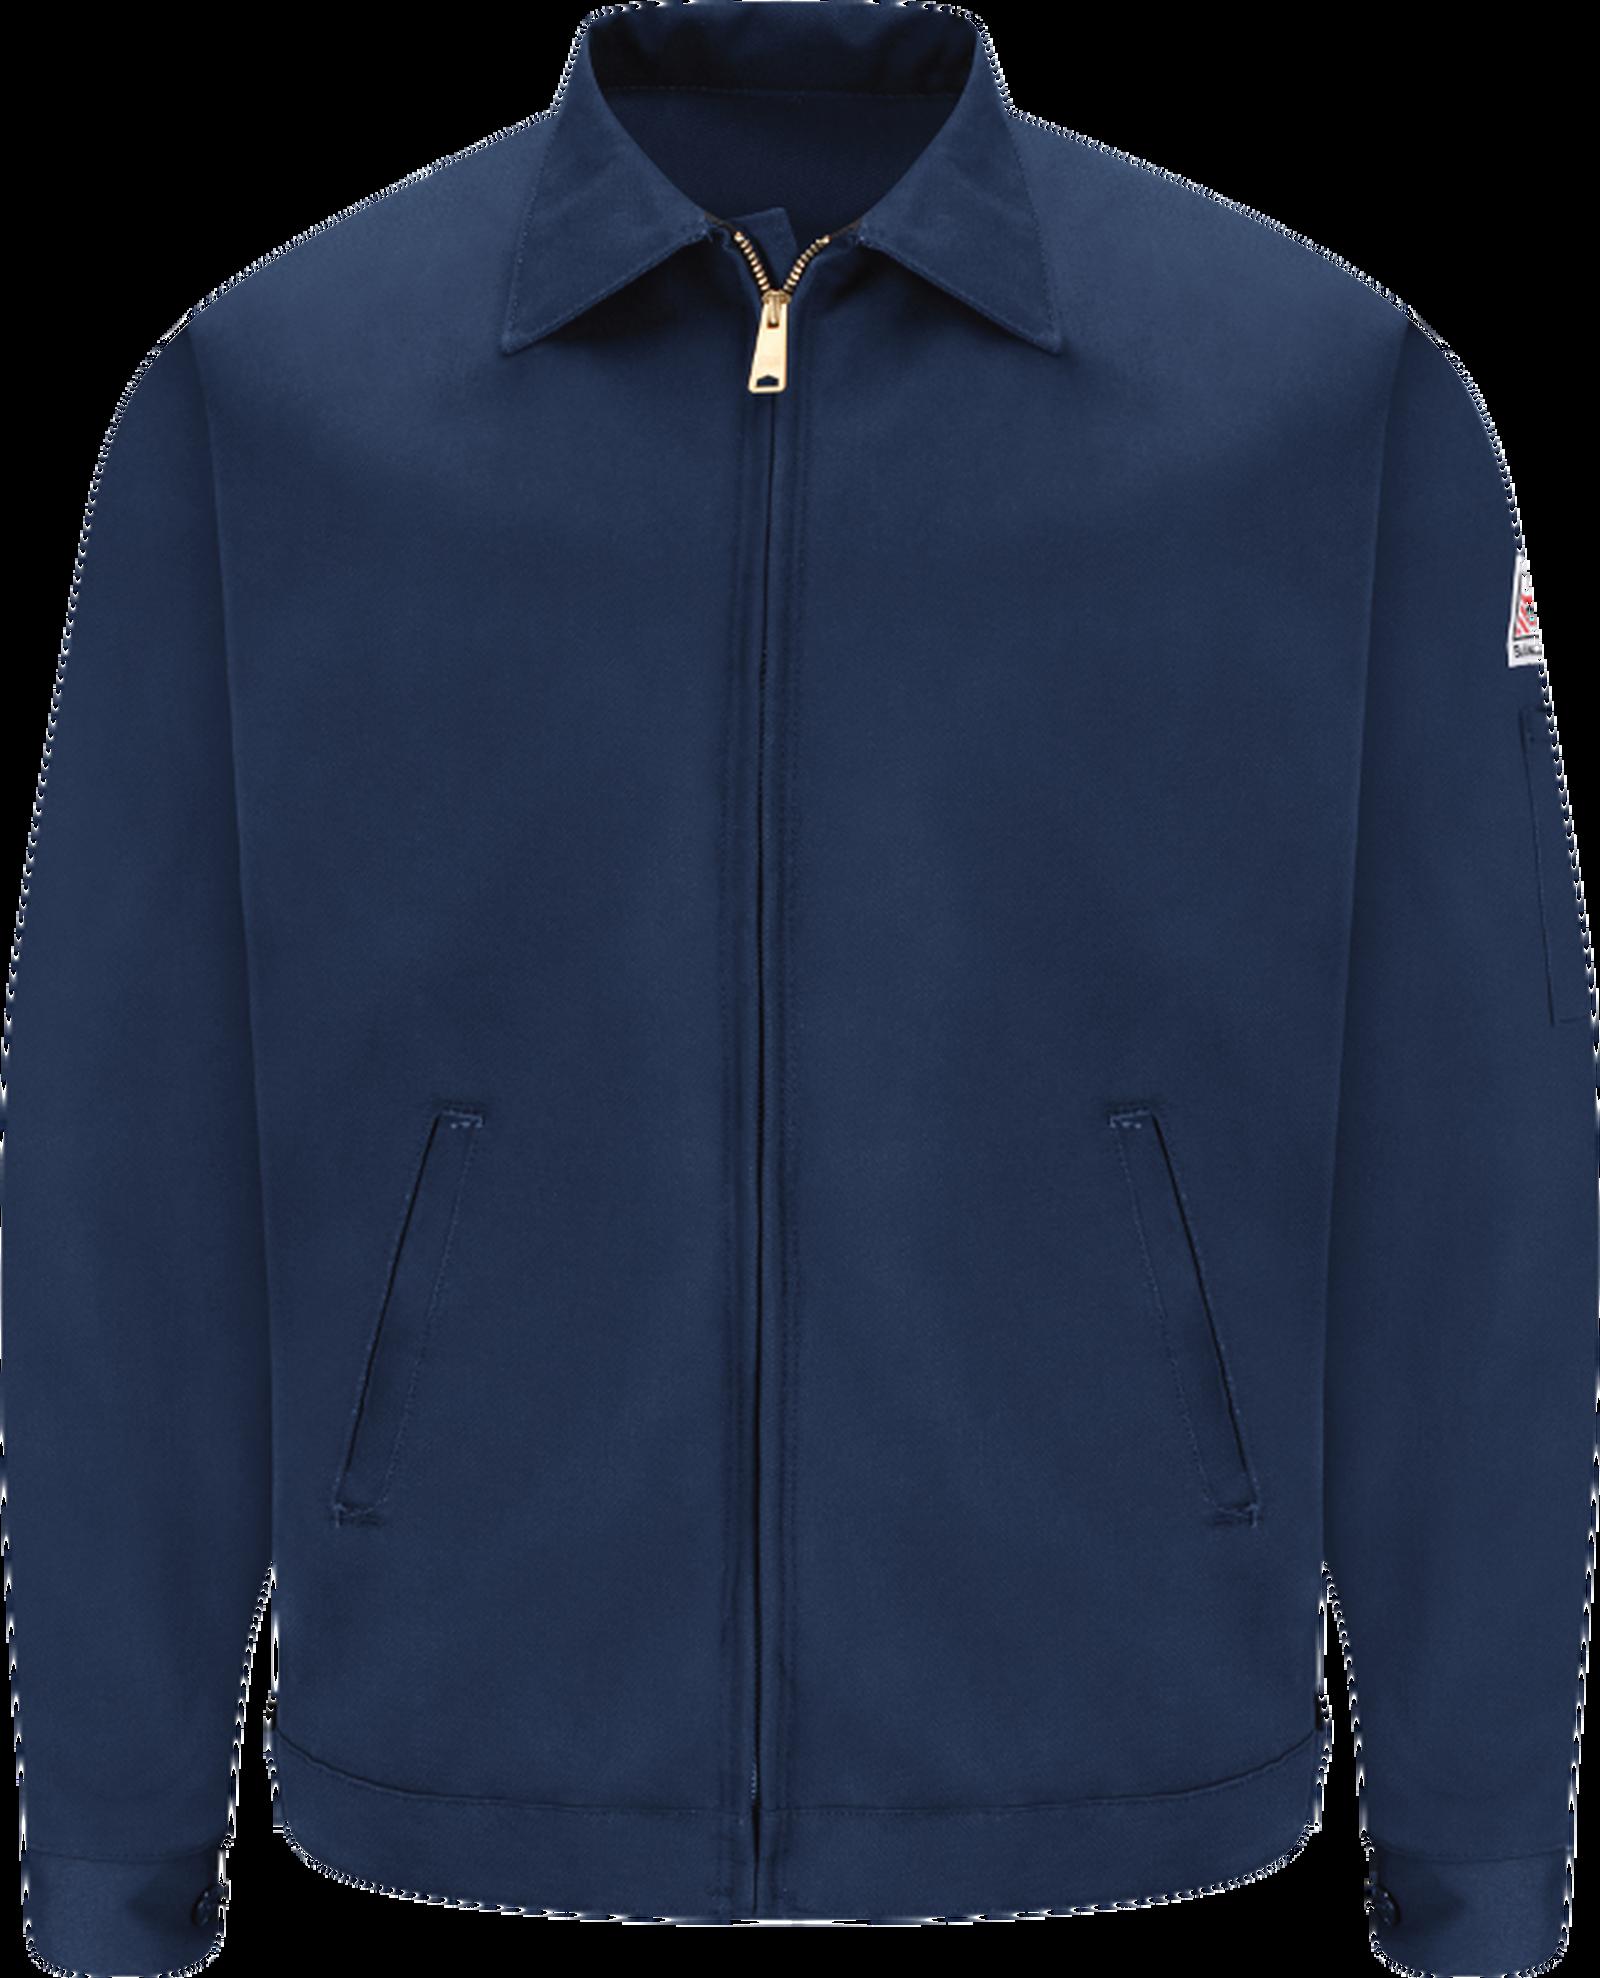 Men's Midweight FR Zip-In Jacket